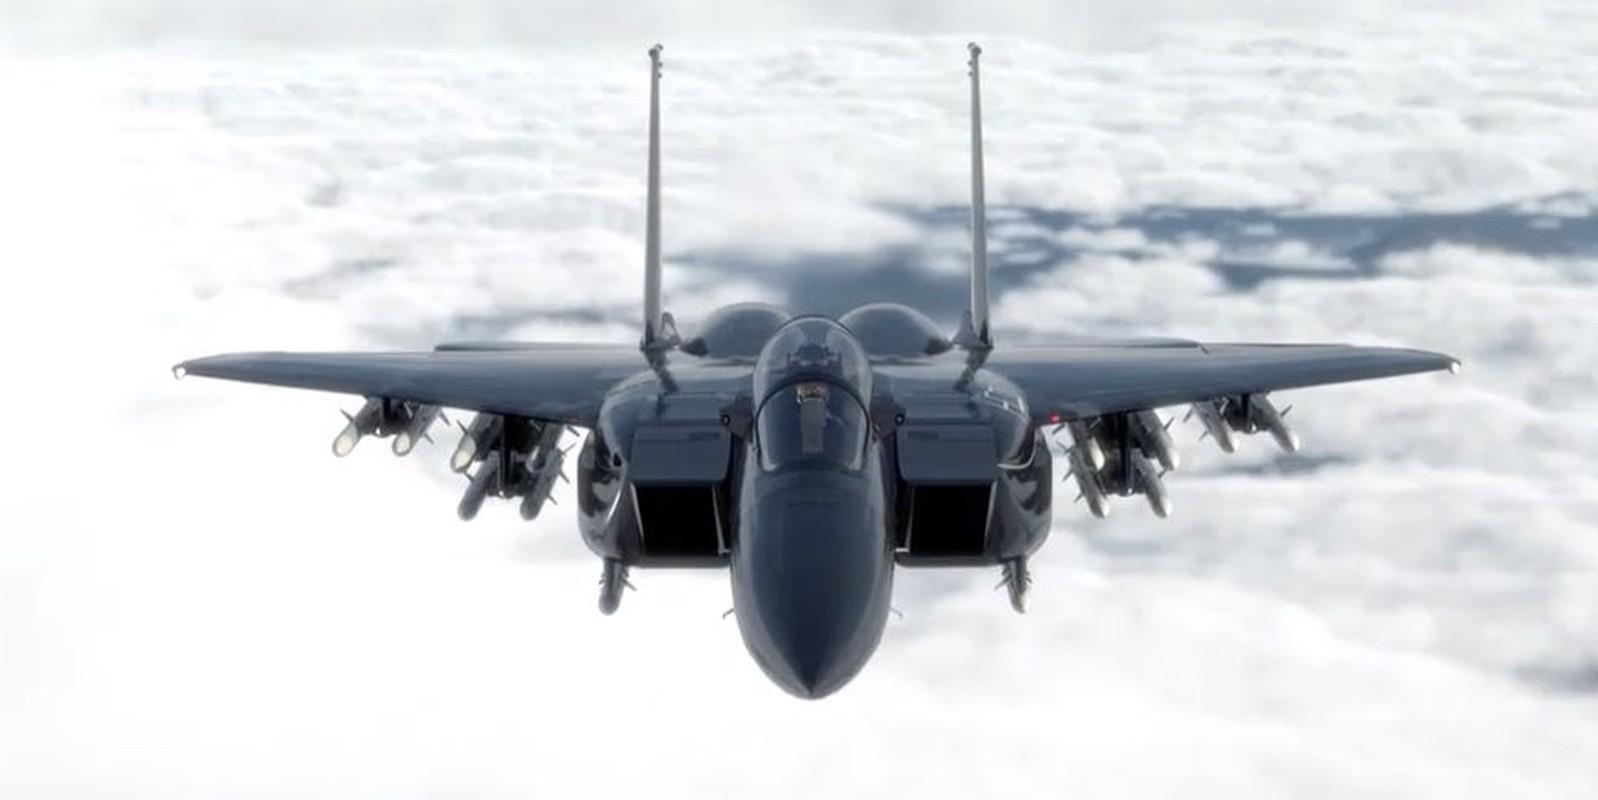 """My bien tiem kich F-15 thanh """"ngua tho"""" vu khi dich thuc-Hinh-5"""